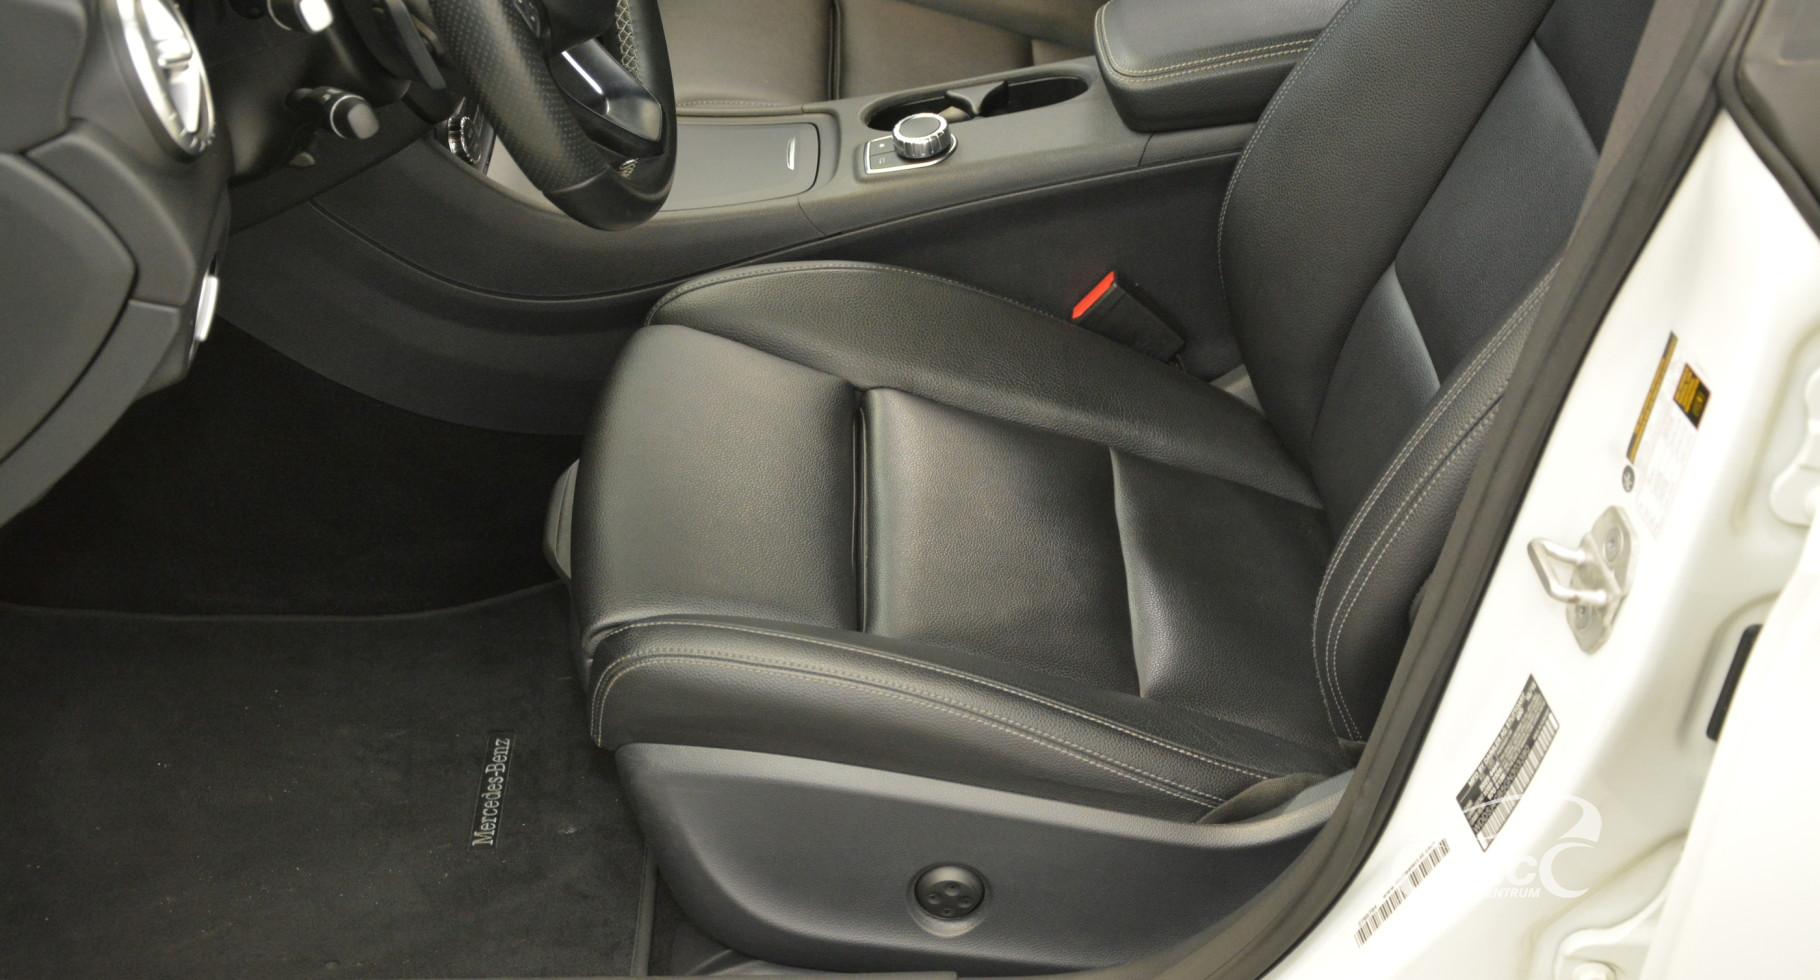 Mercedes-Benz CLA 250 AMG 4Matic Automatas